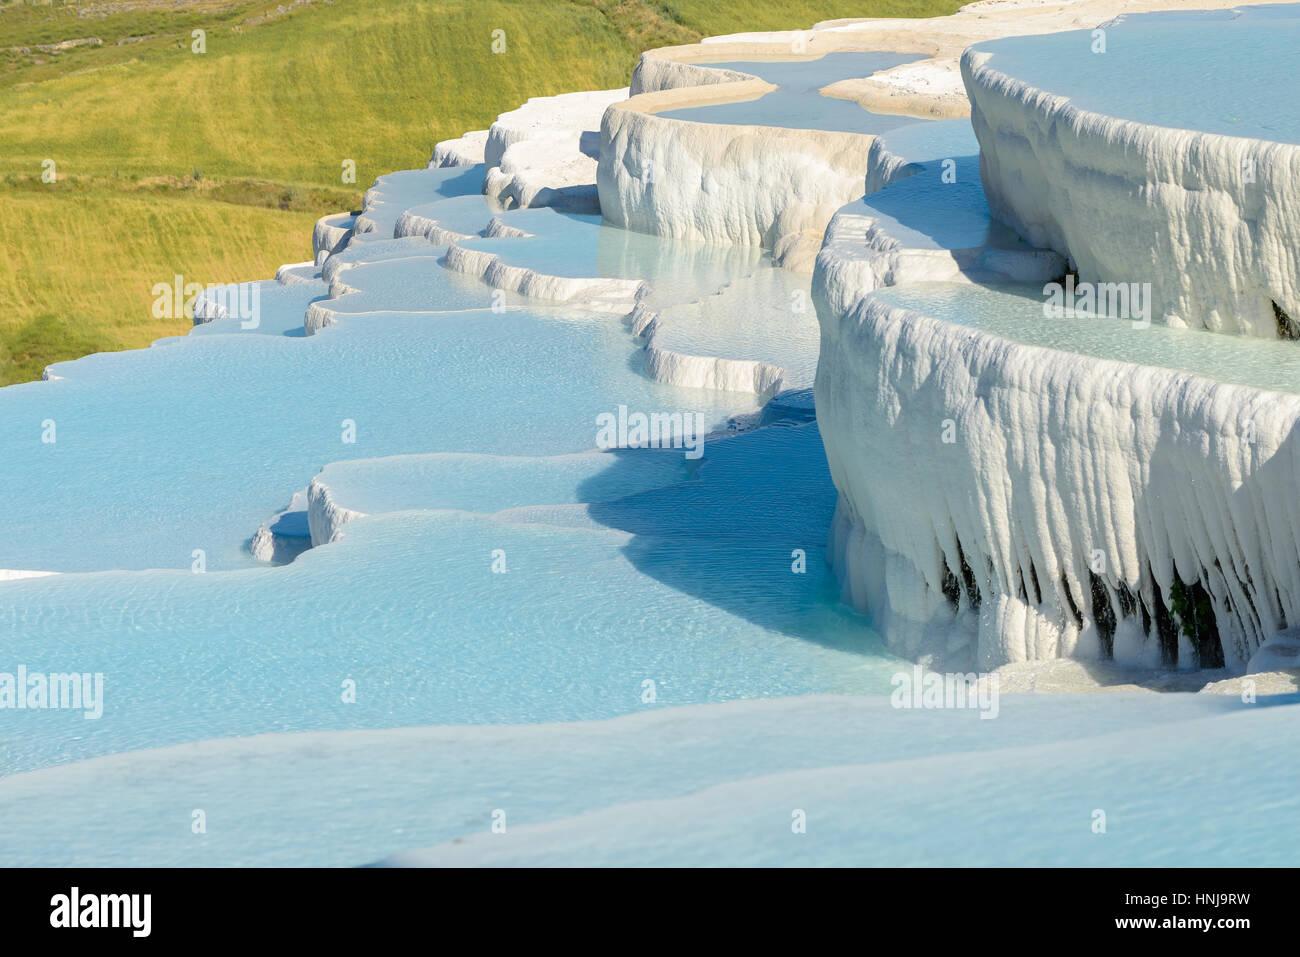 Le cadre enchanteur de piscines Pamukkale en Turquie. Les sources chaudes de Pamukkale contient des terrasses Travertins, Photo Stock